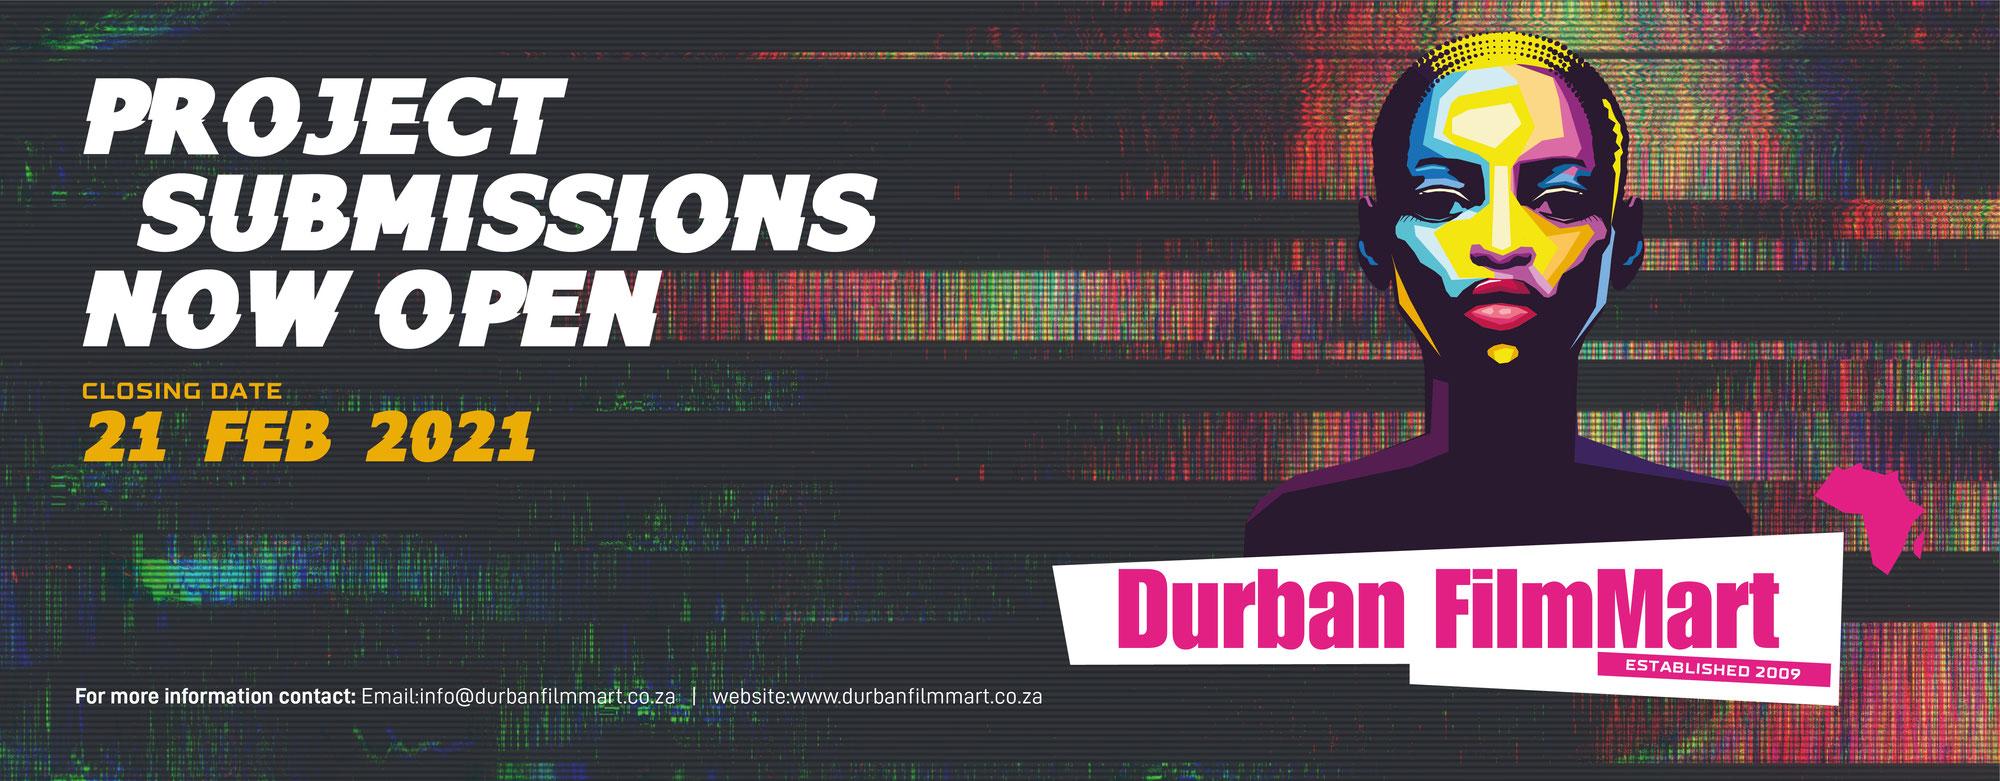 AFRIQUE DU SUD : le  Durban FilmMart cherche des projets